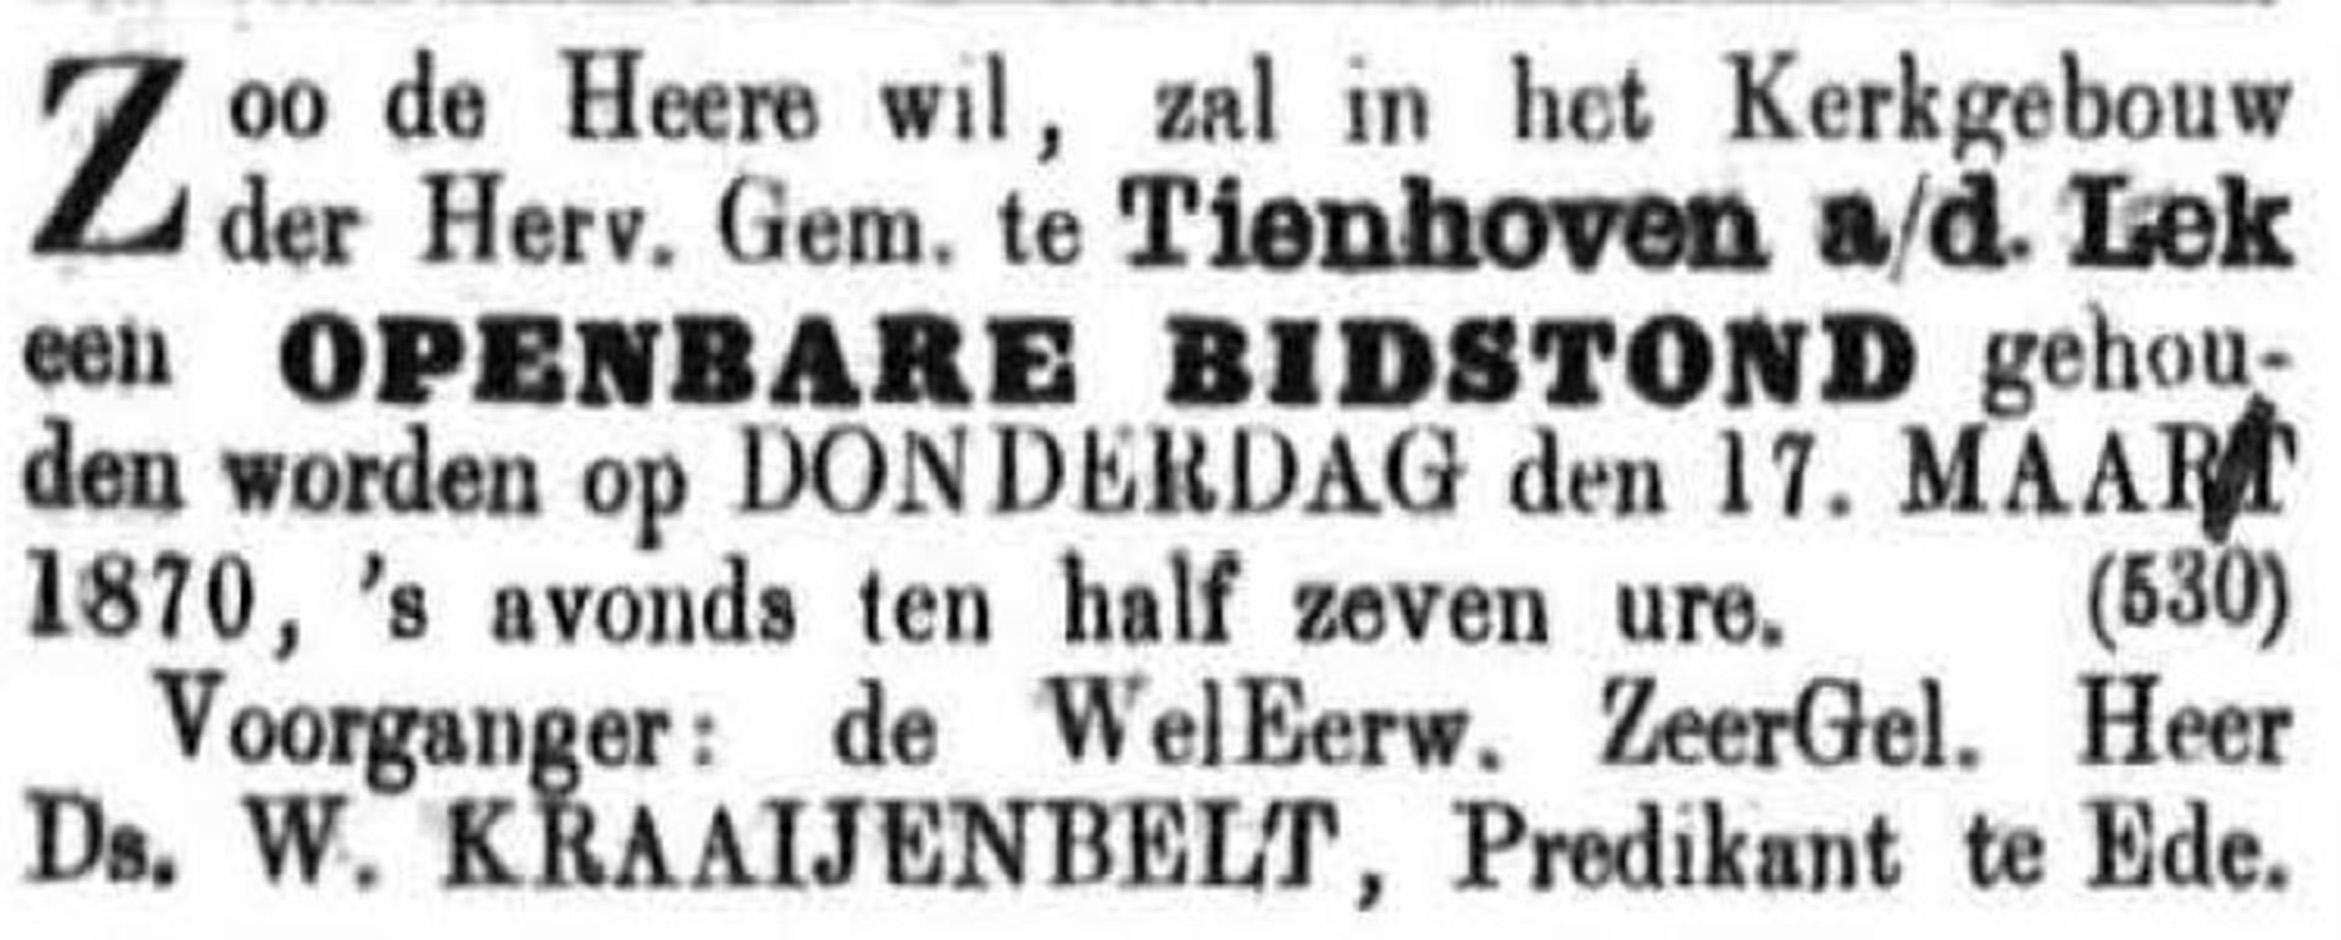 Schoonhovensche Courant 00037 1870-03-13 artikel 2